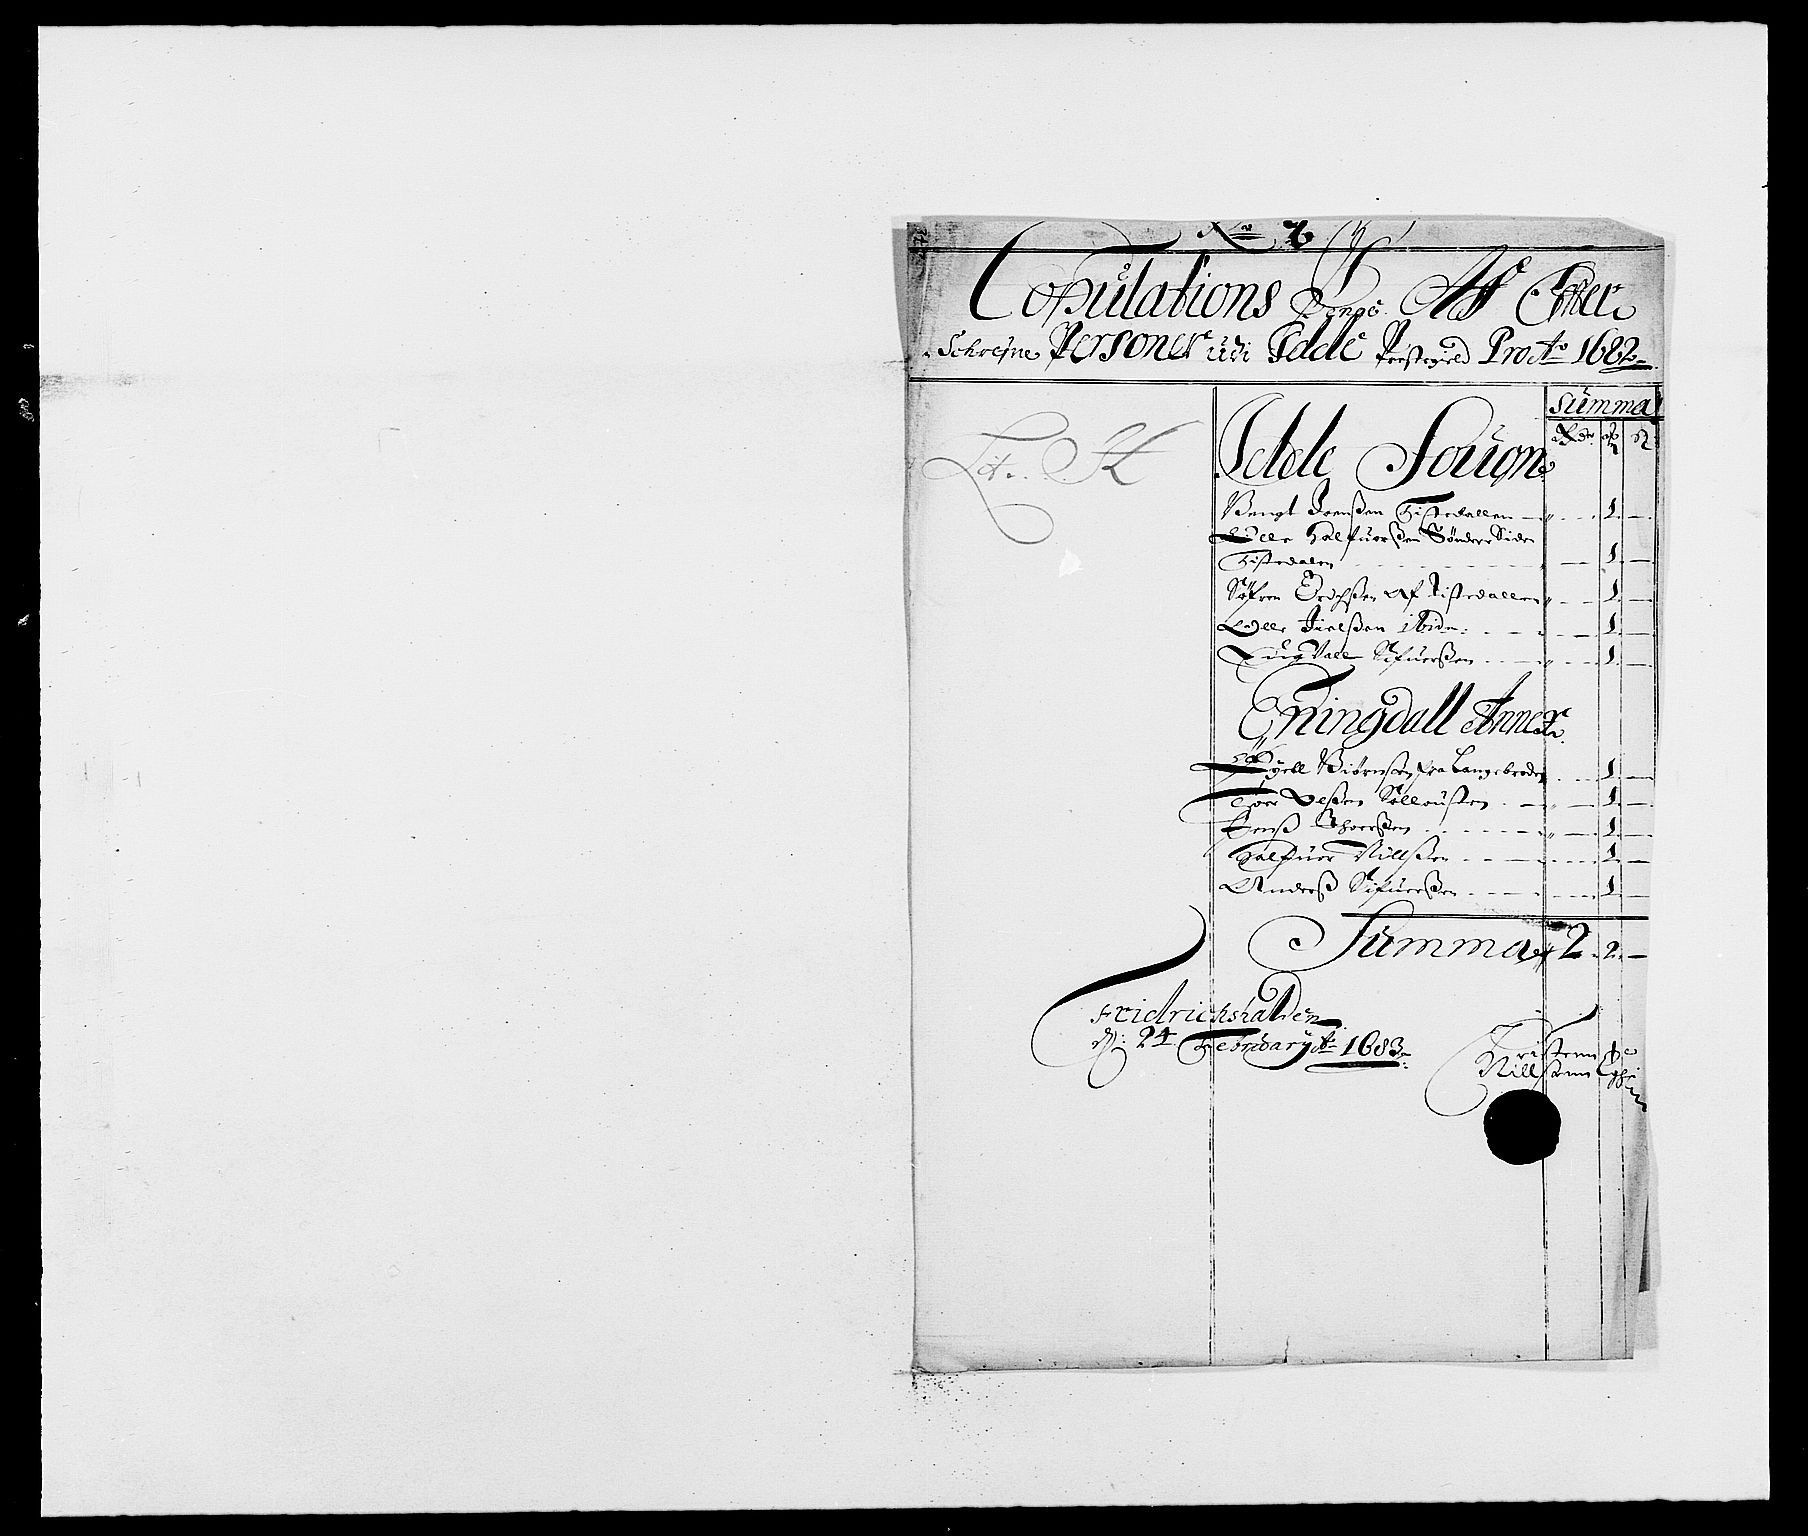 RA, Rentekammeret inntil 1814, Reviderte regnskaper, Fogderegnskap, R01/L0004: Fogderegnskap Idd og Marker , 1682-1683, s. 138